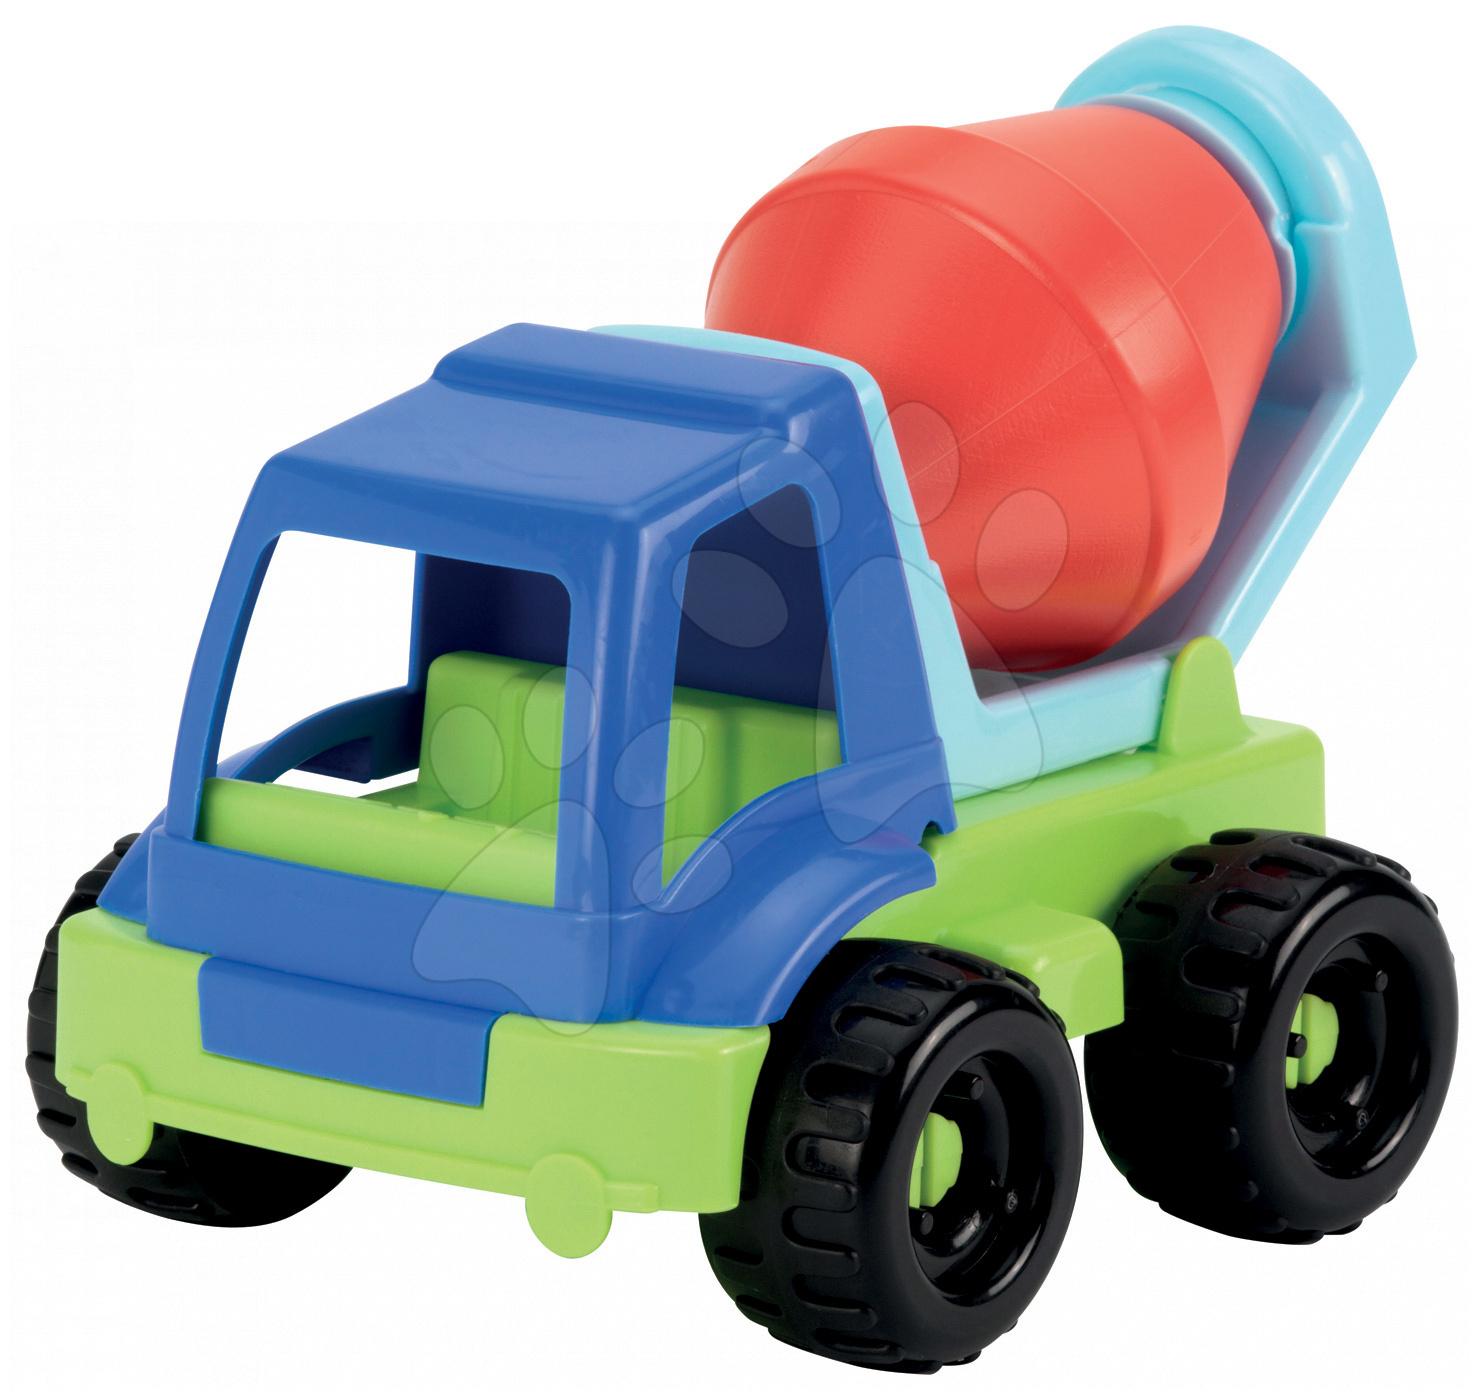 Míchačka Écoiffier pracovní autíčko délka 20 cm od 18 měsíců